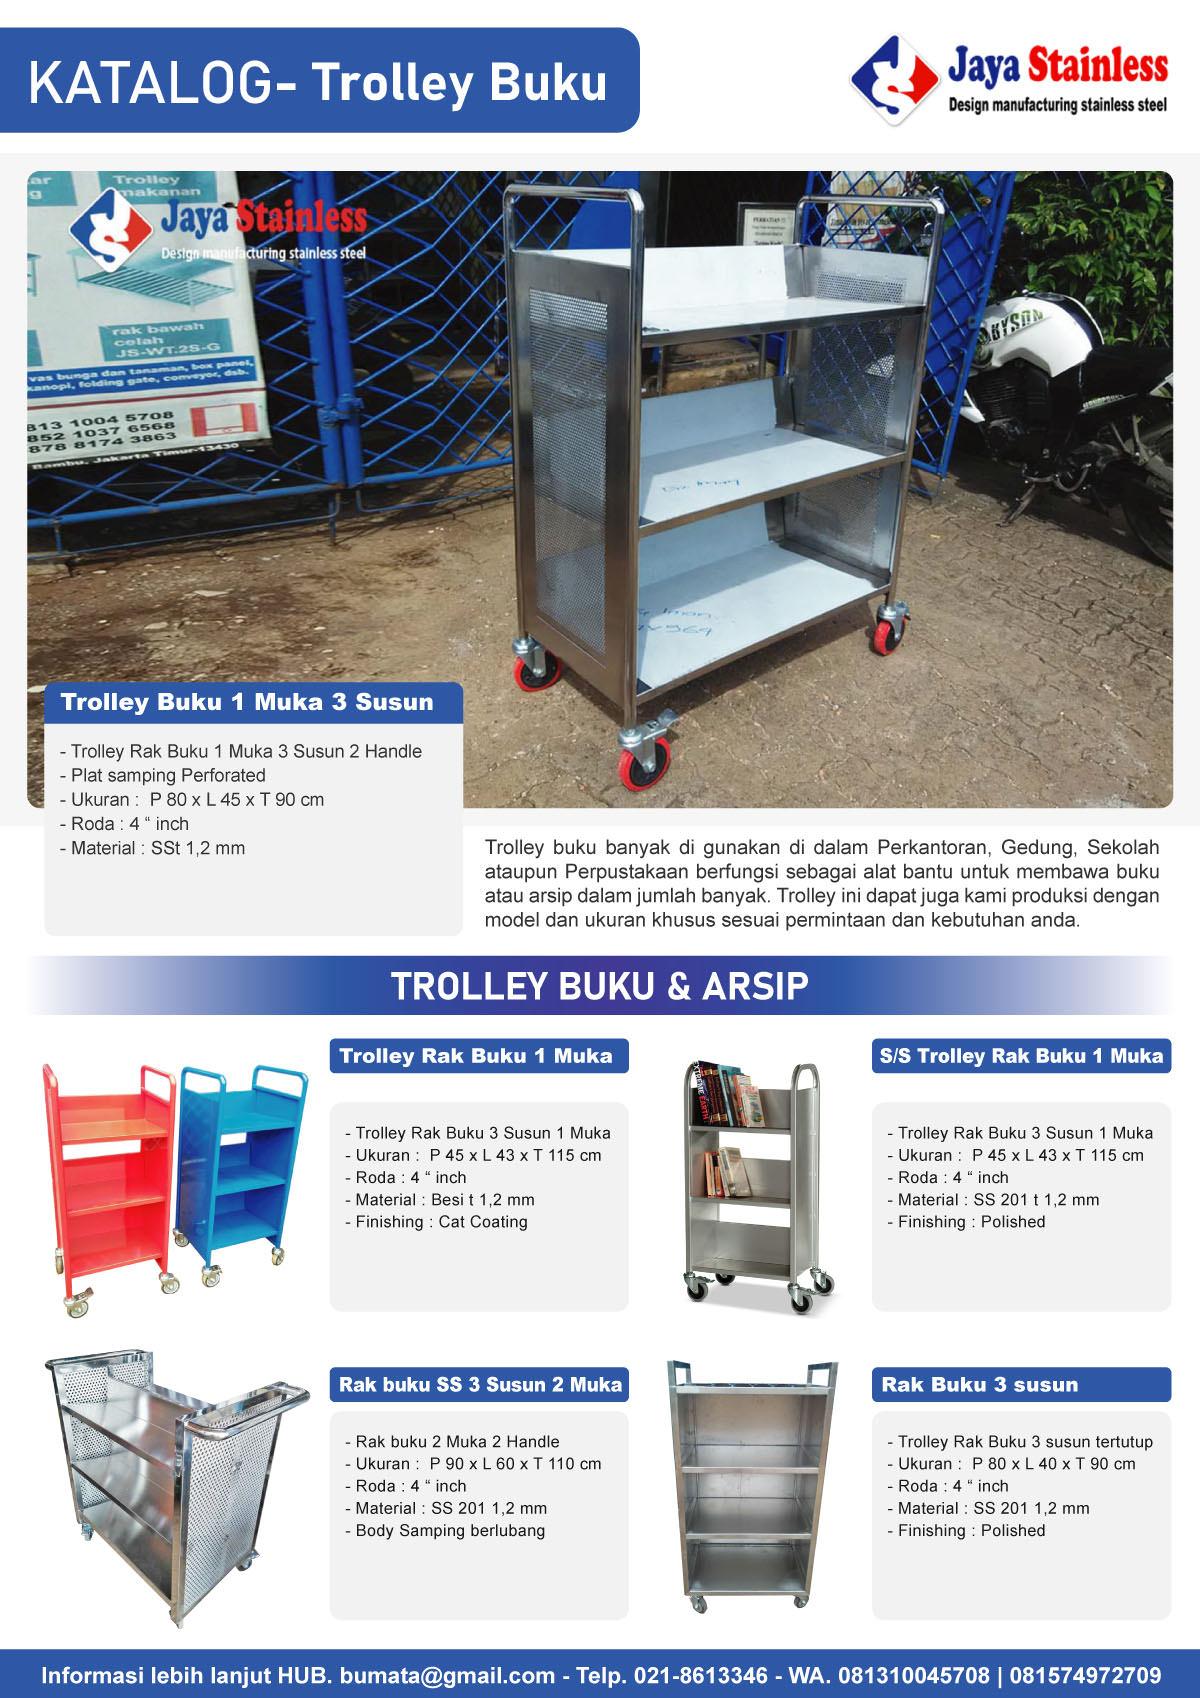 Katalog Trolley Buku dan Arsip